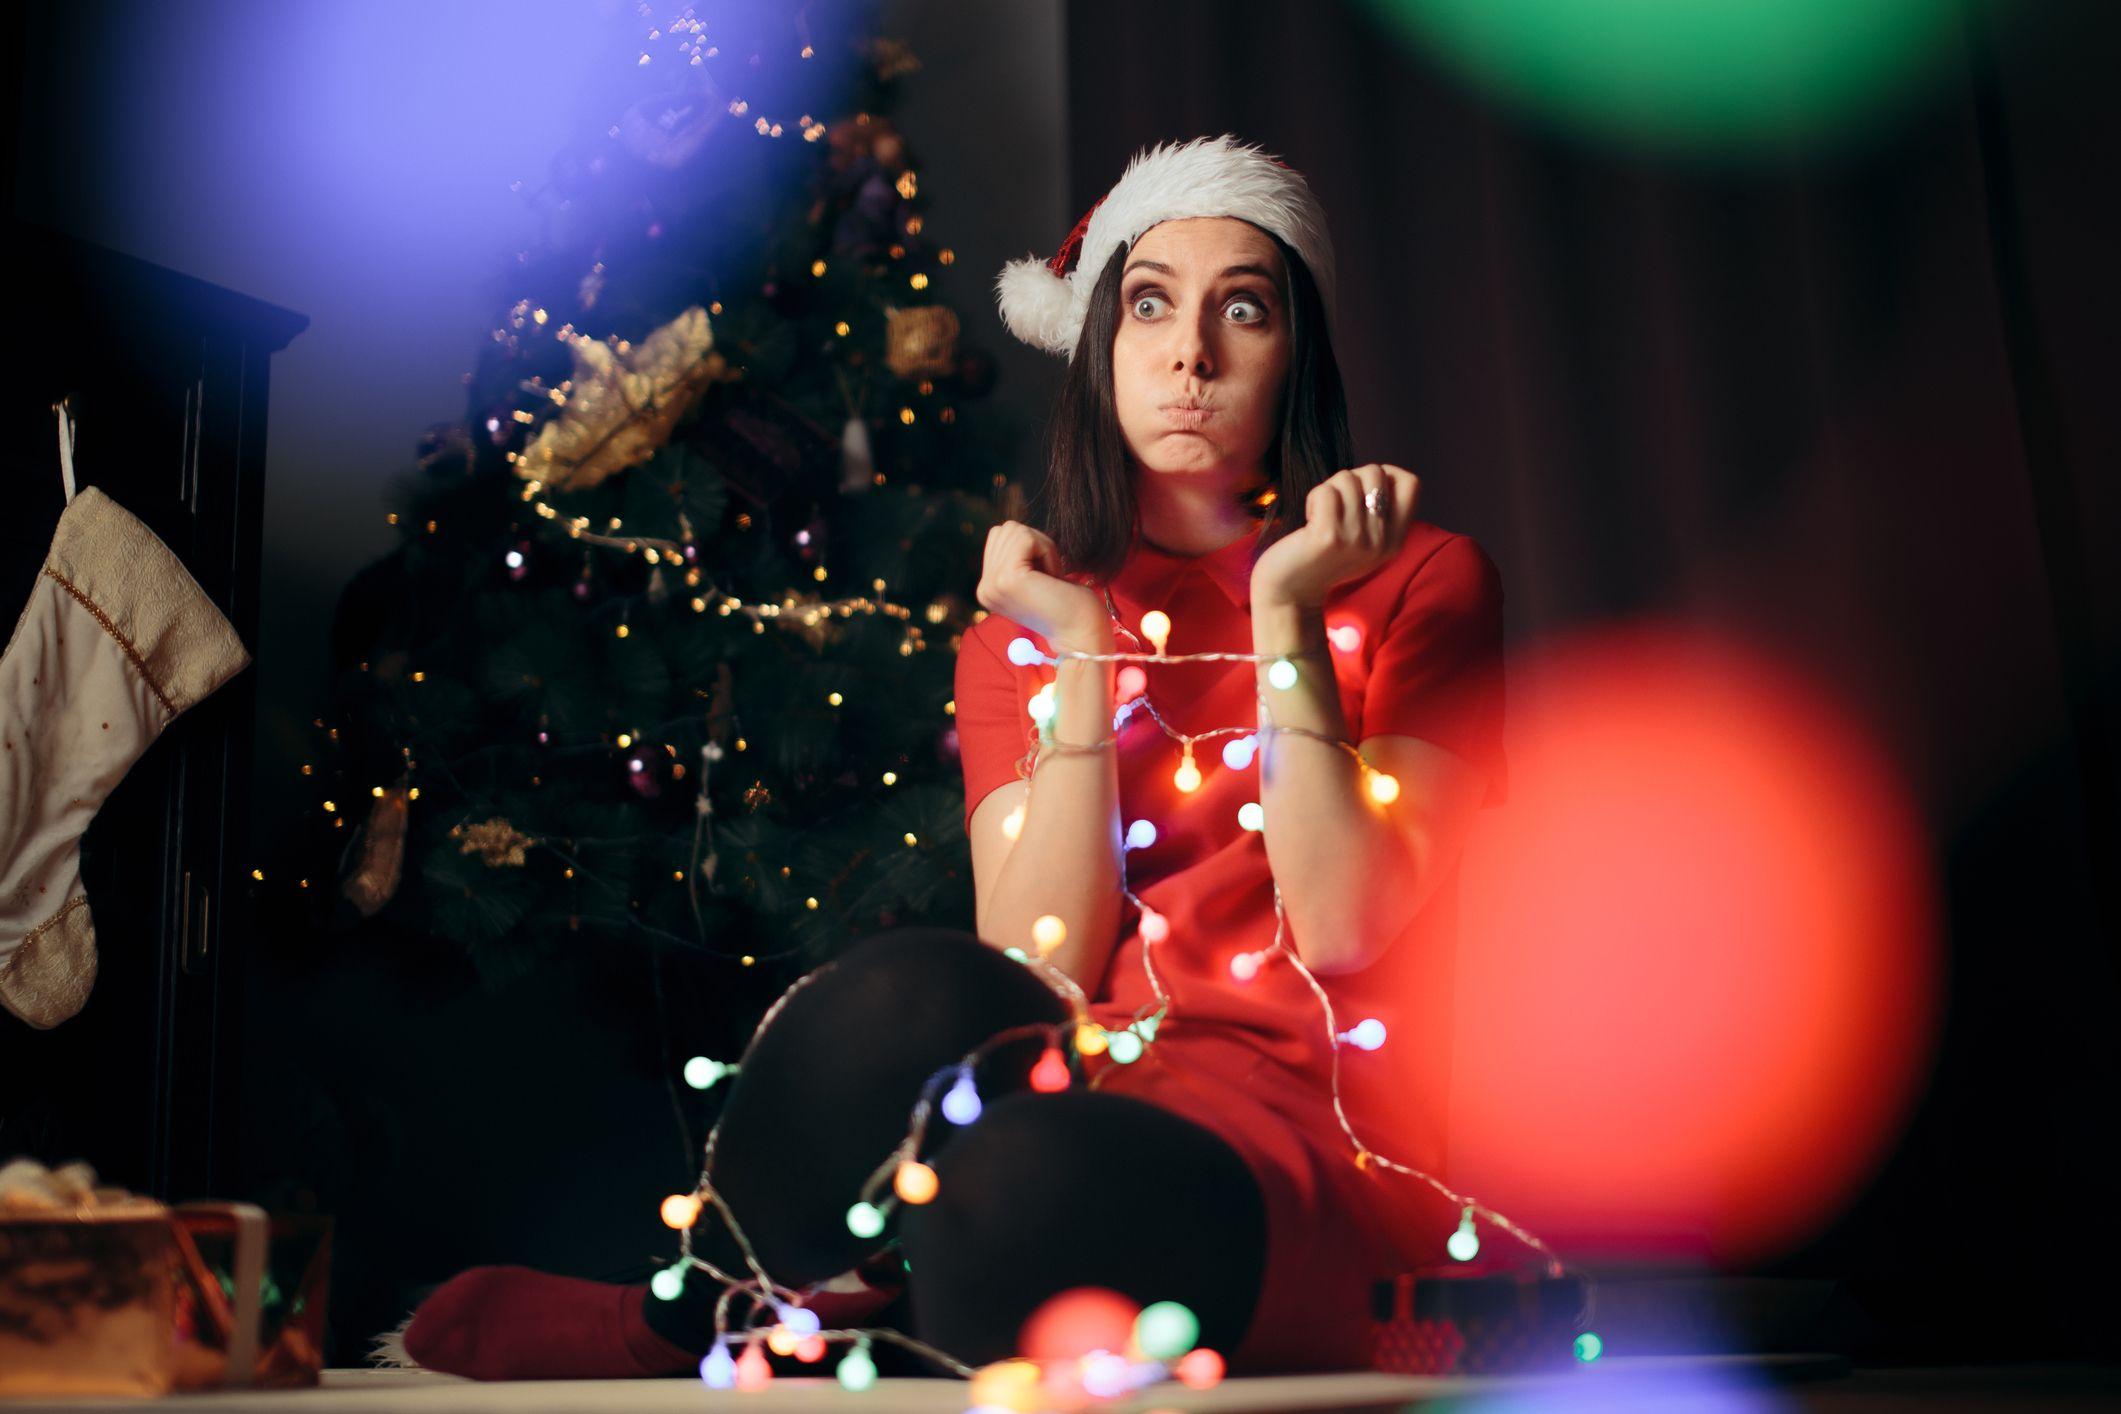 Apua! Joulu tulee, enkä todellakaan ole valmis!